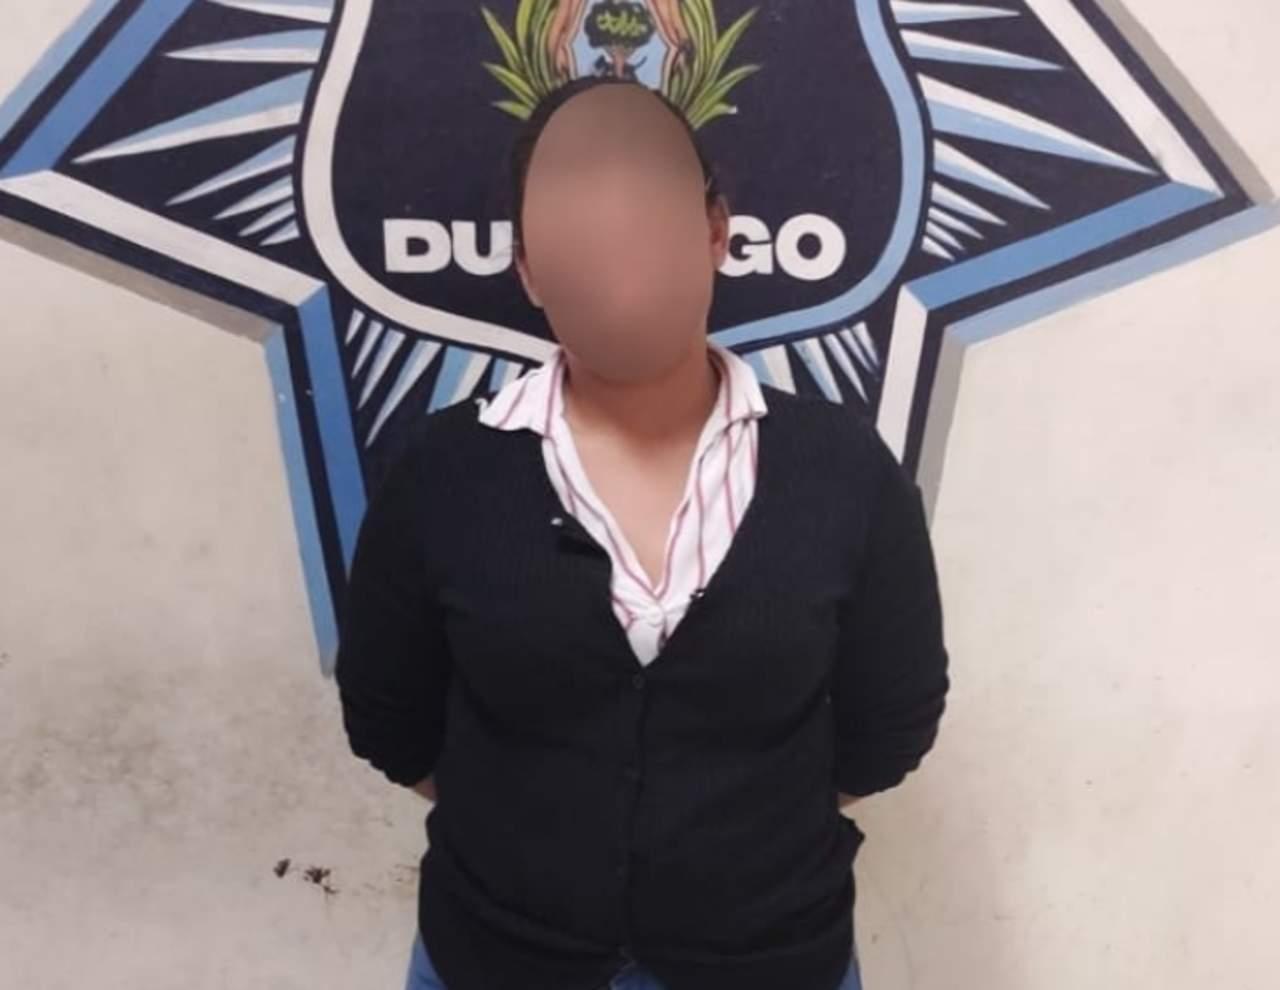 Se llevó casi 10 mil pesos de una casa de cambio; detenida